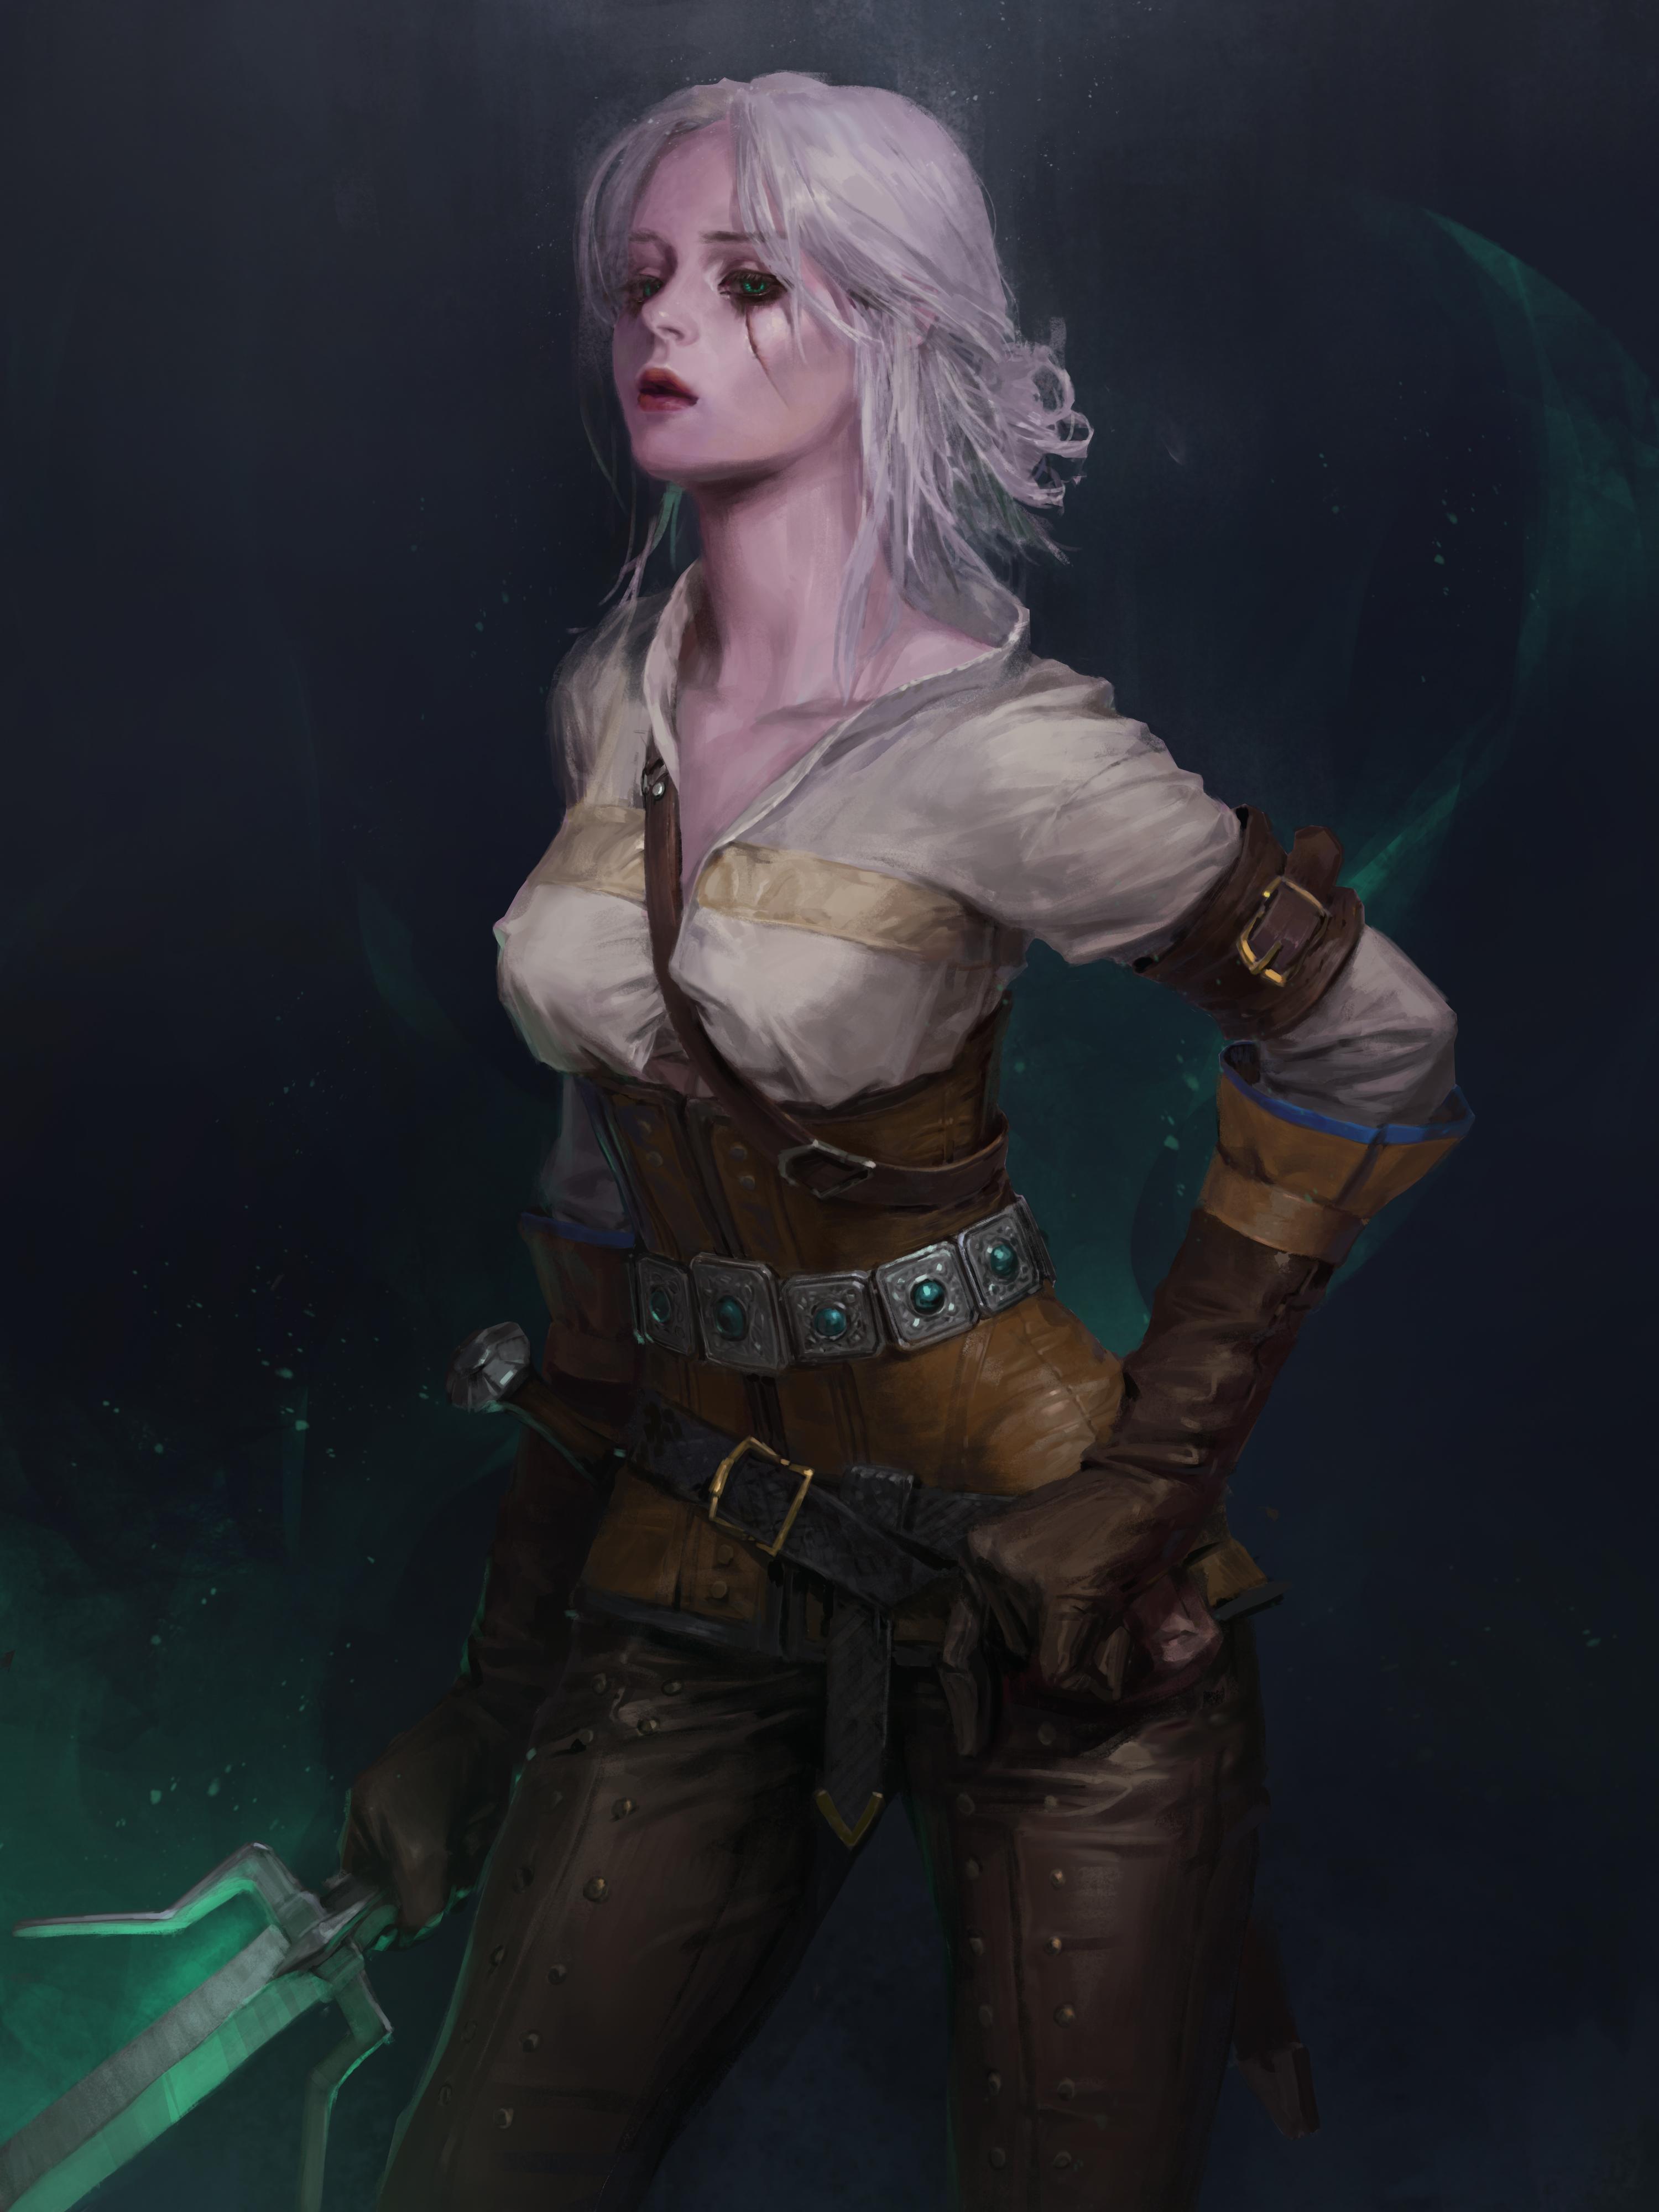 Desktop Wallpapers The Witcher 3 Wild Hunt Blonde Girl 3000x4000